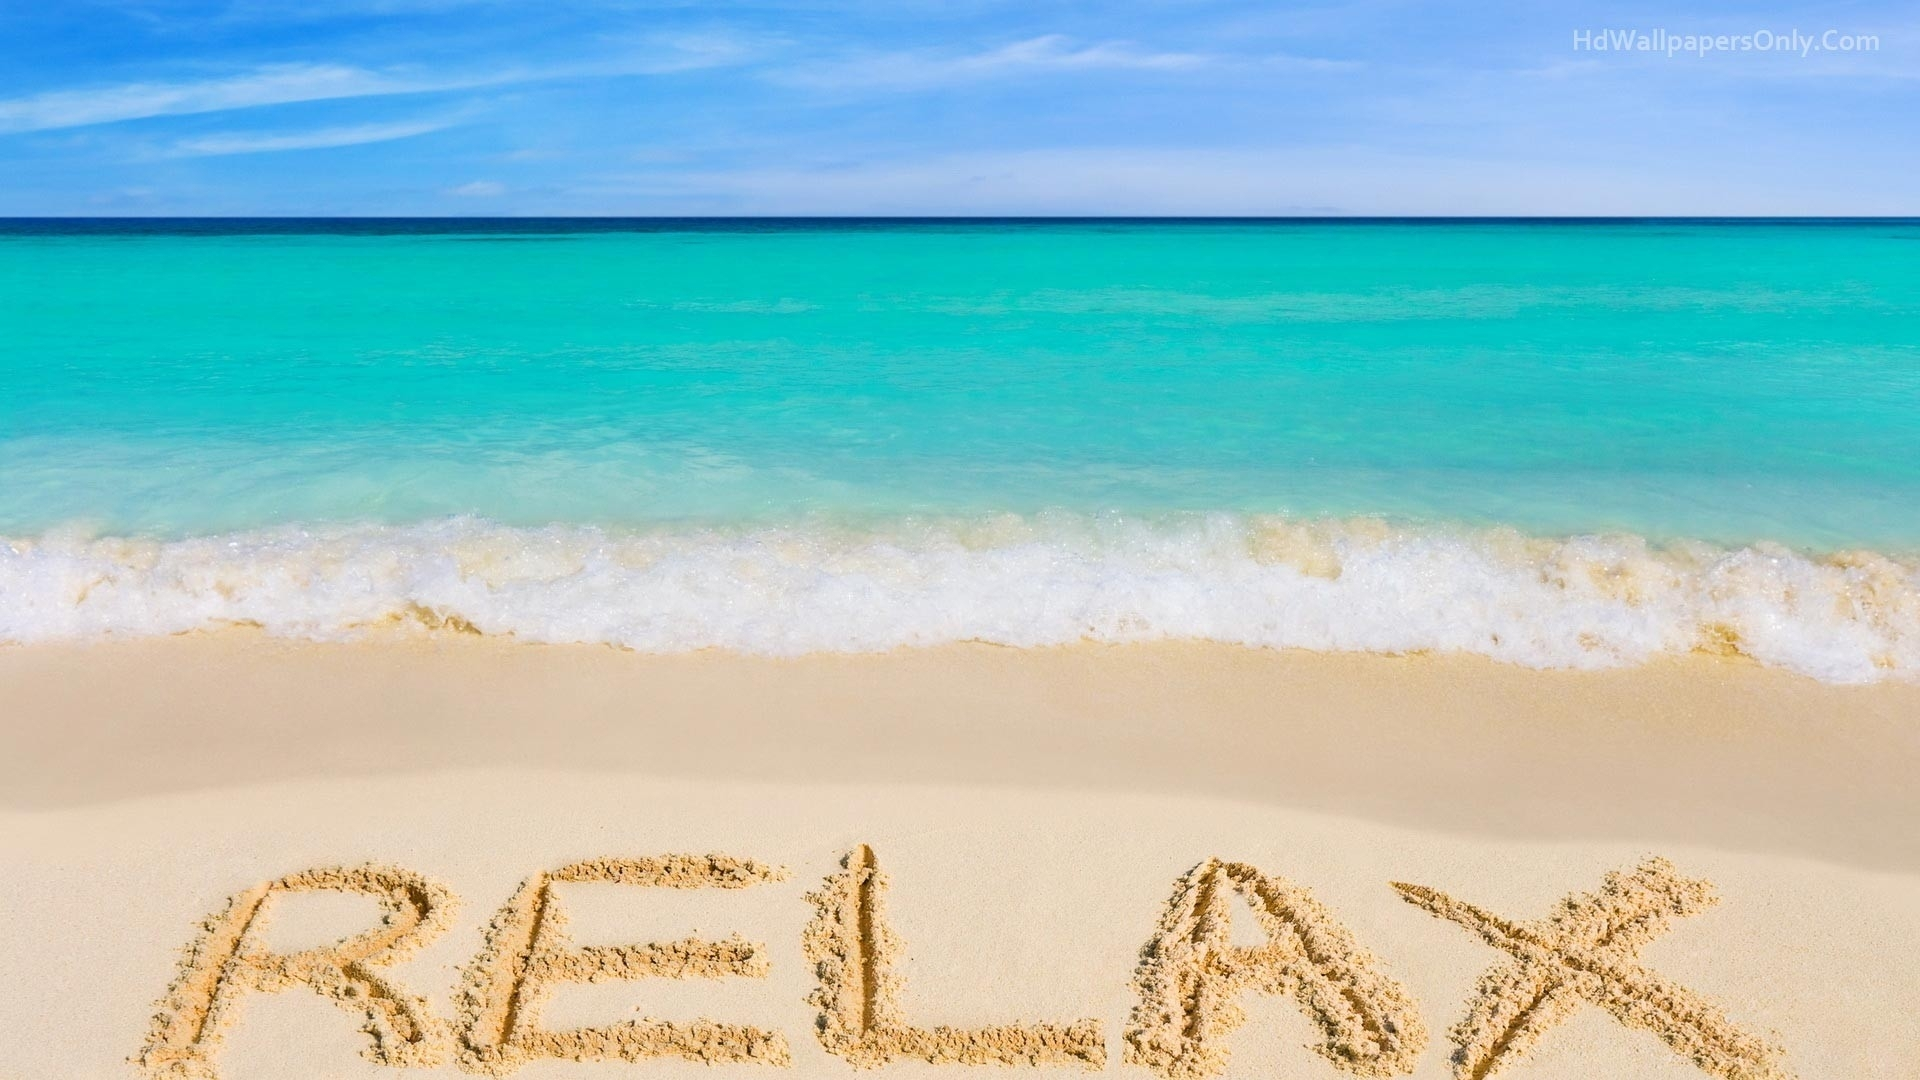 72+ summer backgrounds ·① download free hd backgrounds for desktop